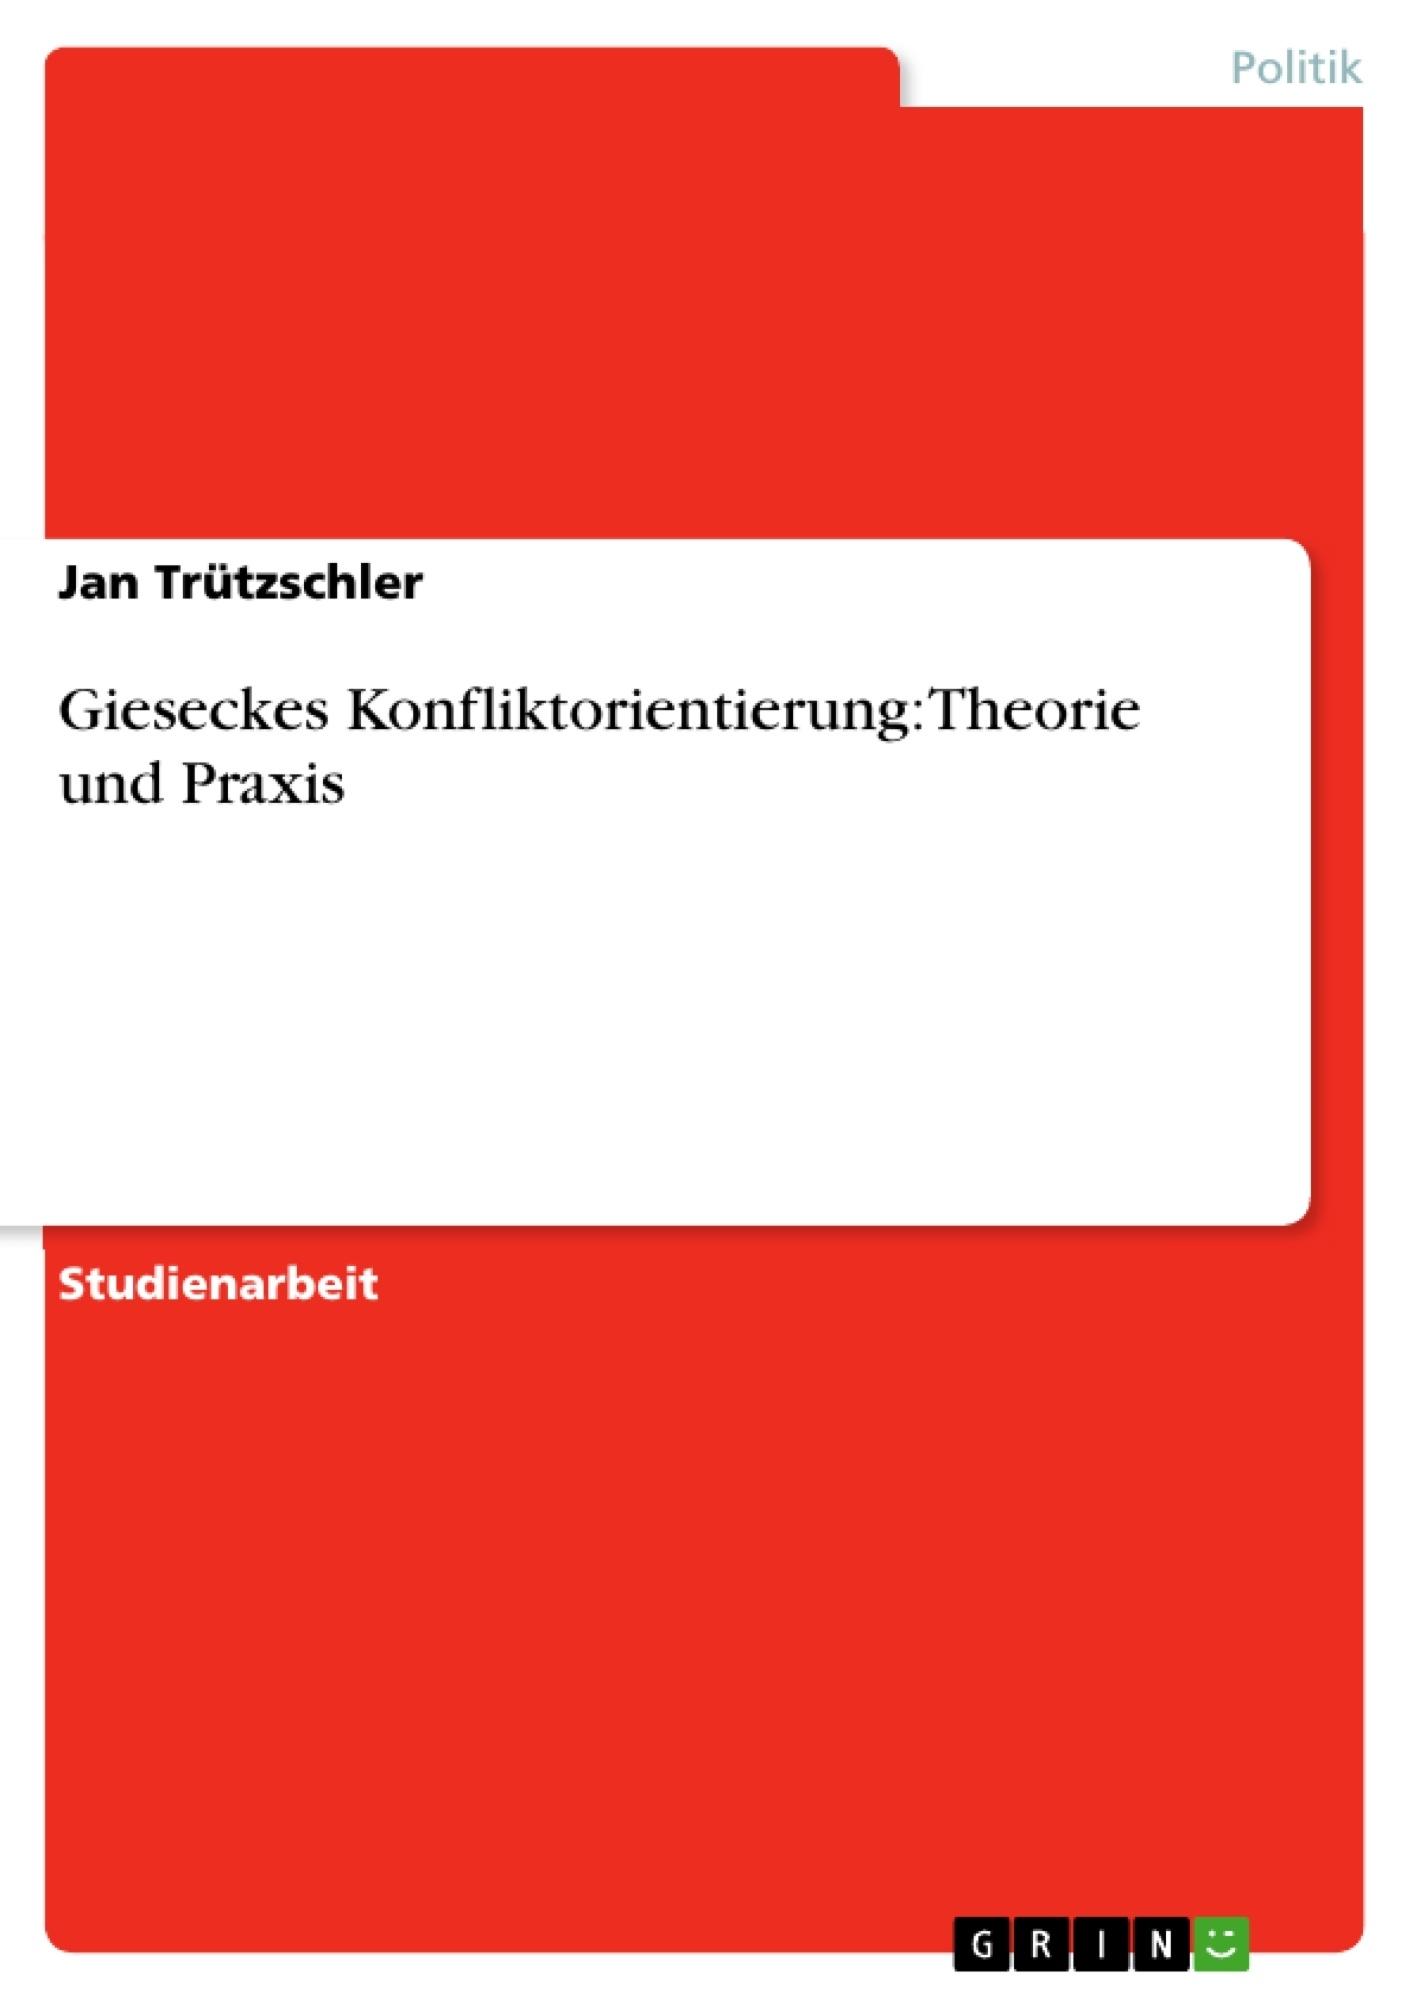 Titel: Gieseckes Konfliktorientierung: Theorie und Praxis